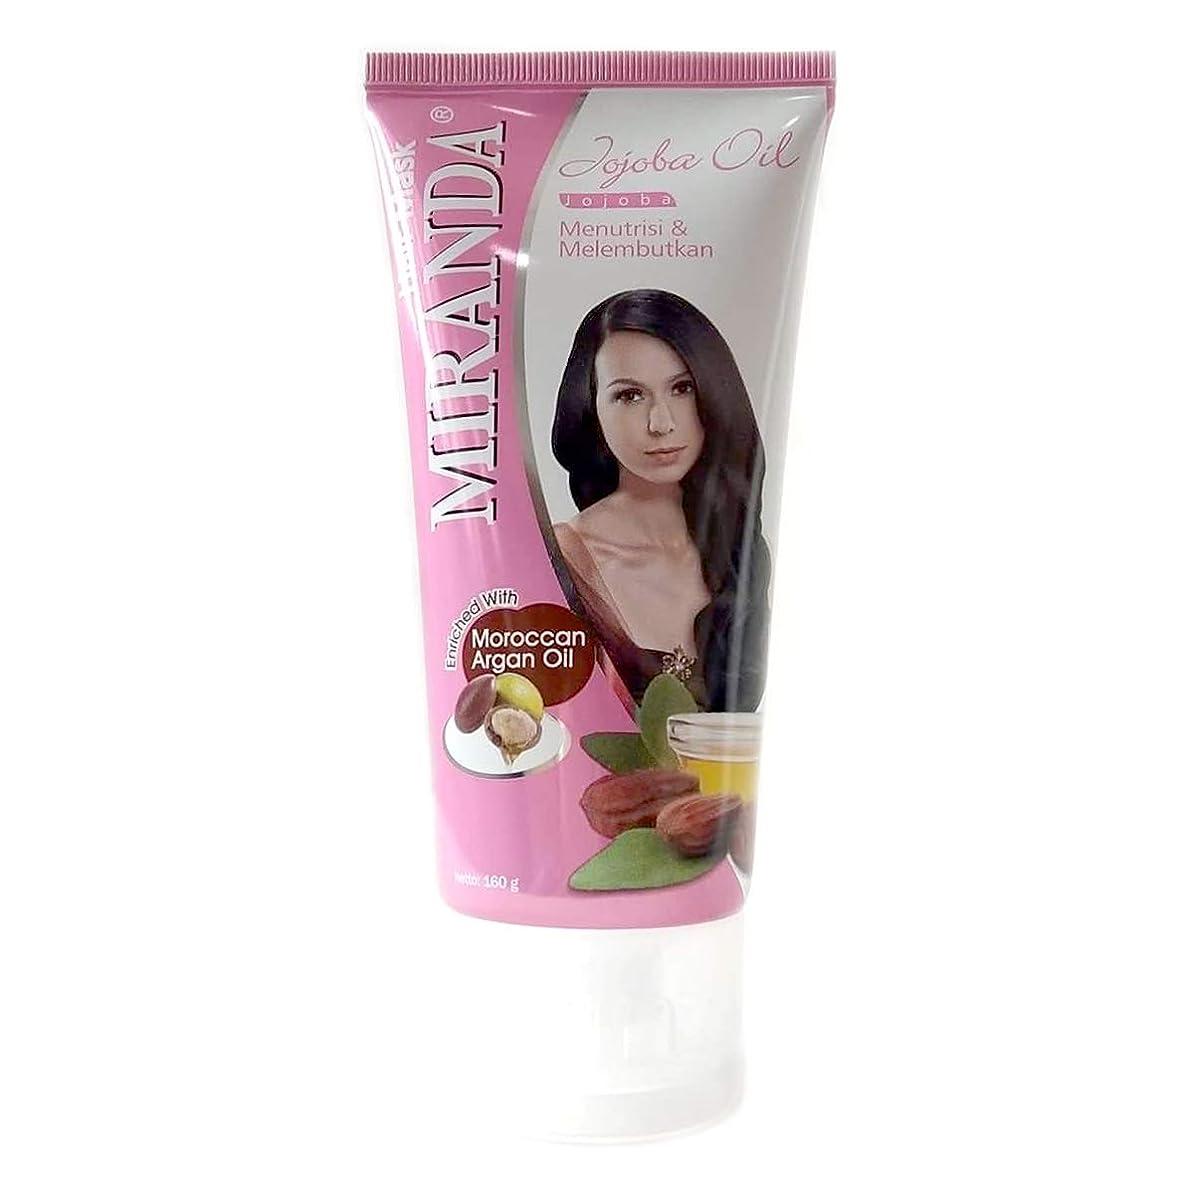 道画面伝染性のMIRANDA ミランダ Hair Mask ヘアマスク モロッカンアルガンオイル主成分のヘアトリートメント 160g Jojoba oil ホホバオイル [海外直送品]